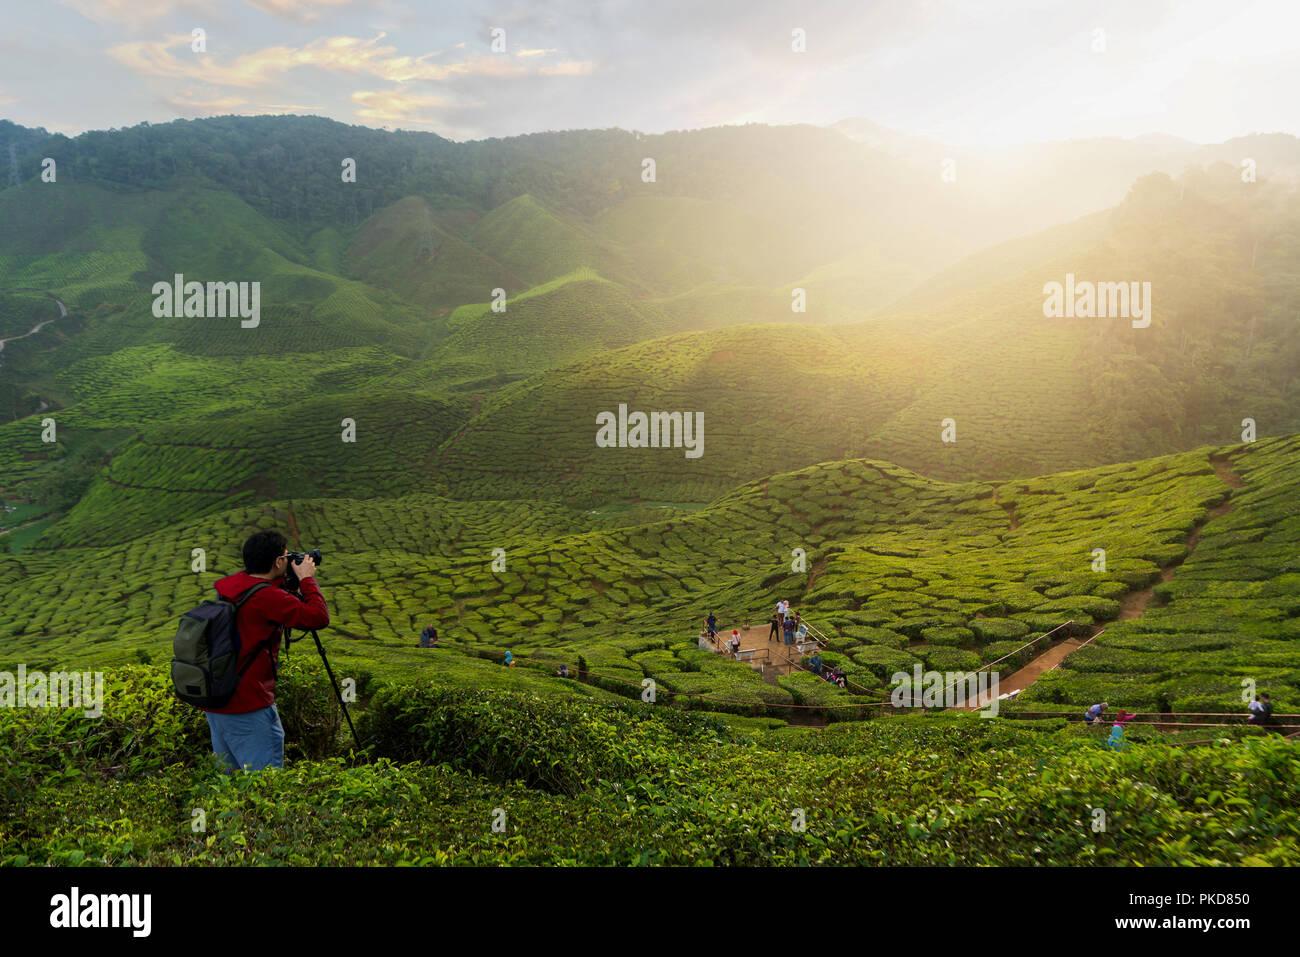 Giovane fotografo asiatico che viaggiano in campi di tè con nebbia. Giovane uomo traveler prendere una foto di montagna campo di tè con la nebbia, gustando il tè plantatio Immagini Stock